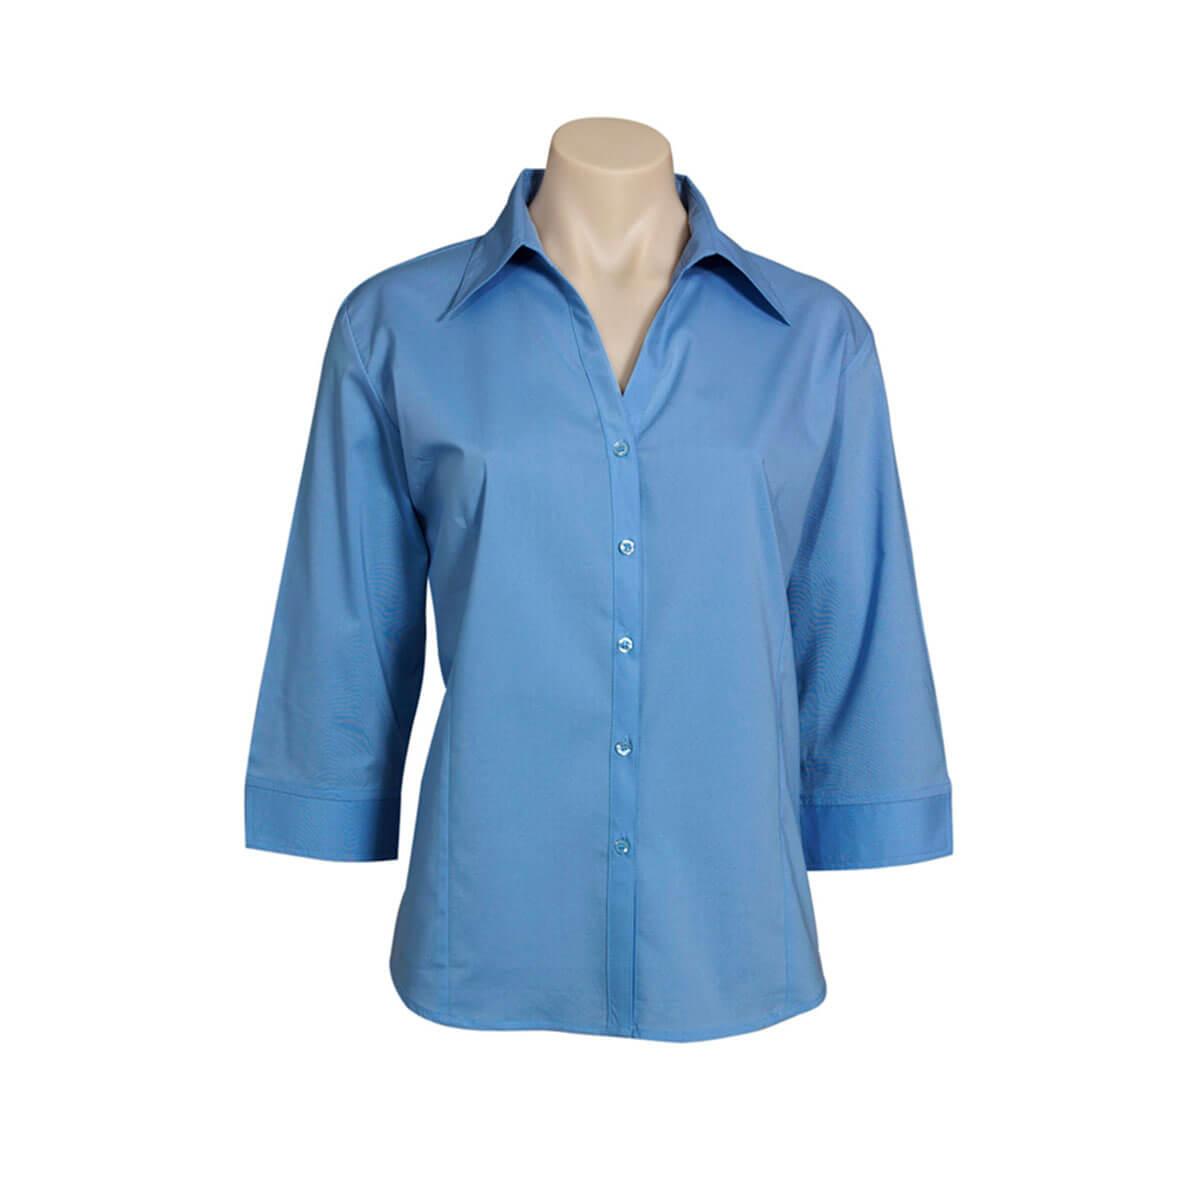 Ladies Metro 3/4 Sleeve Shirt-Mid Blue